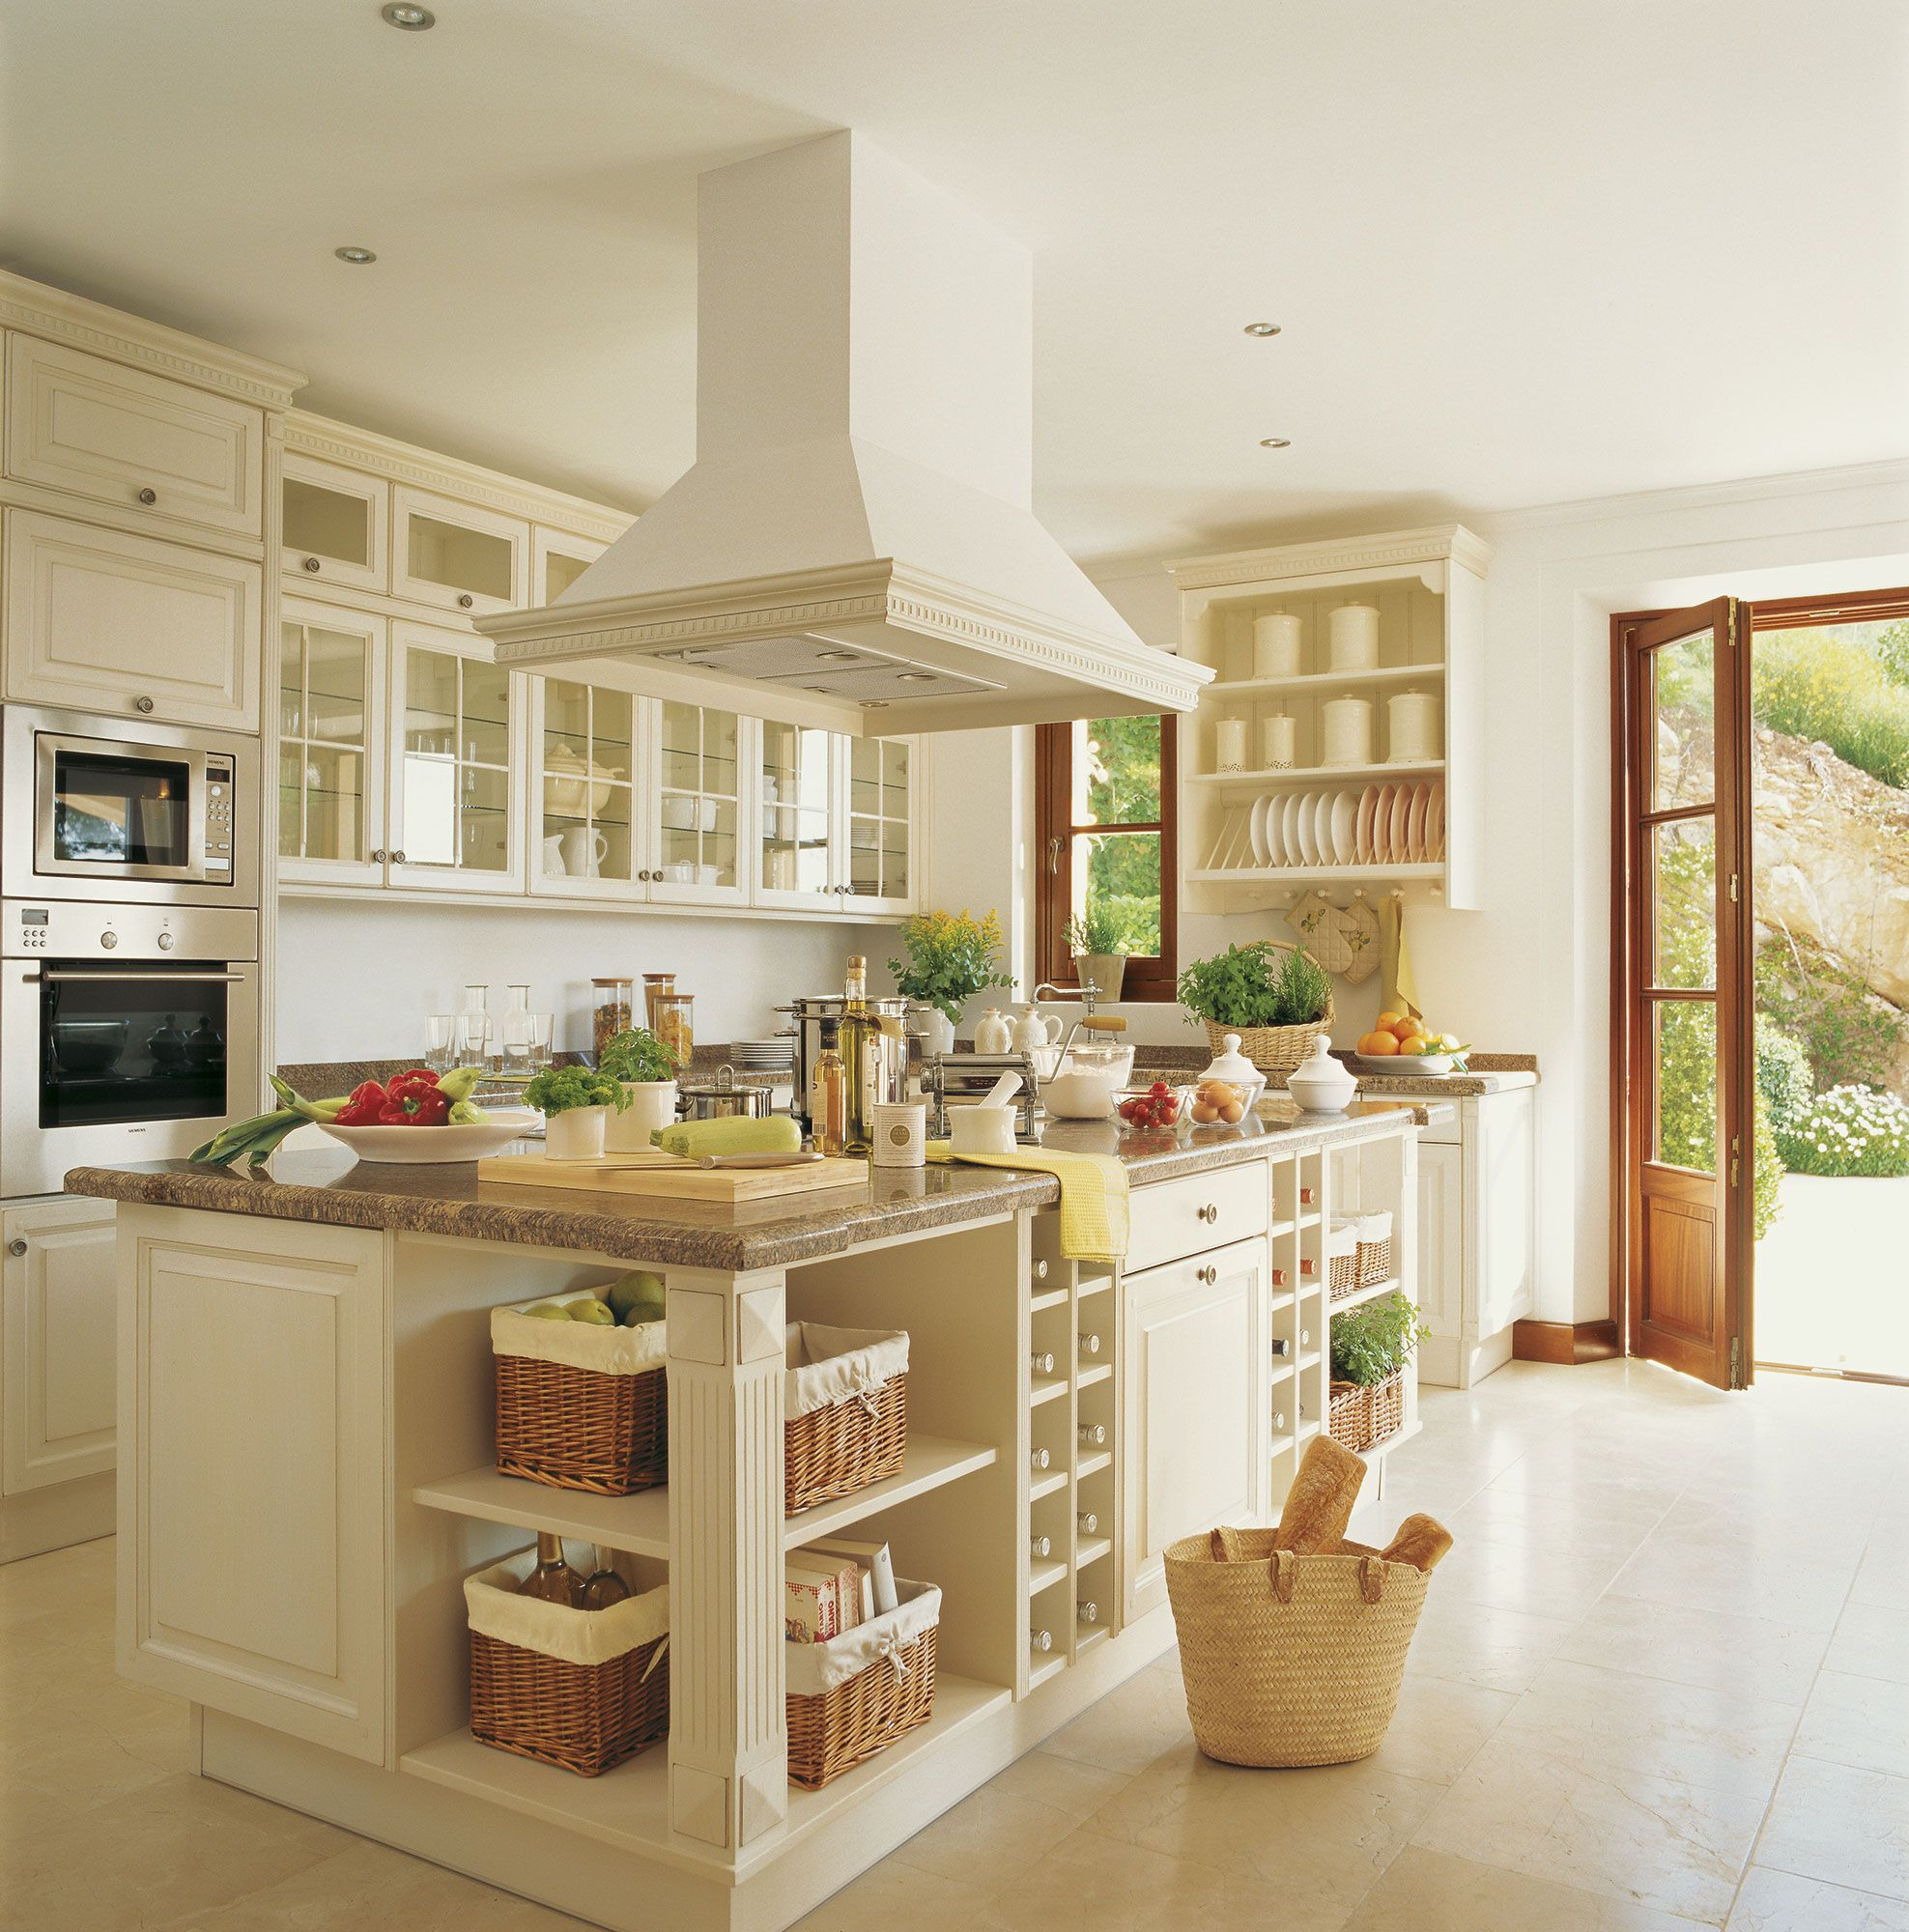 Cocina con isla de estilo clásico con mobiliario con molduras y ...